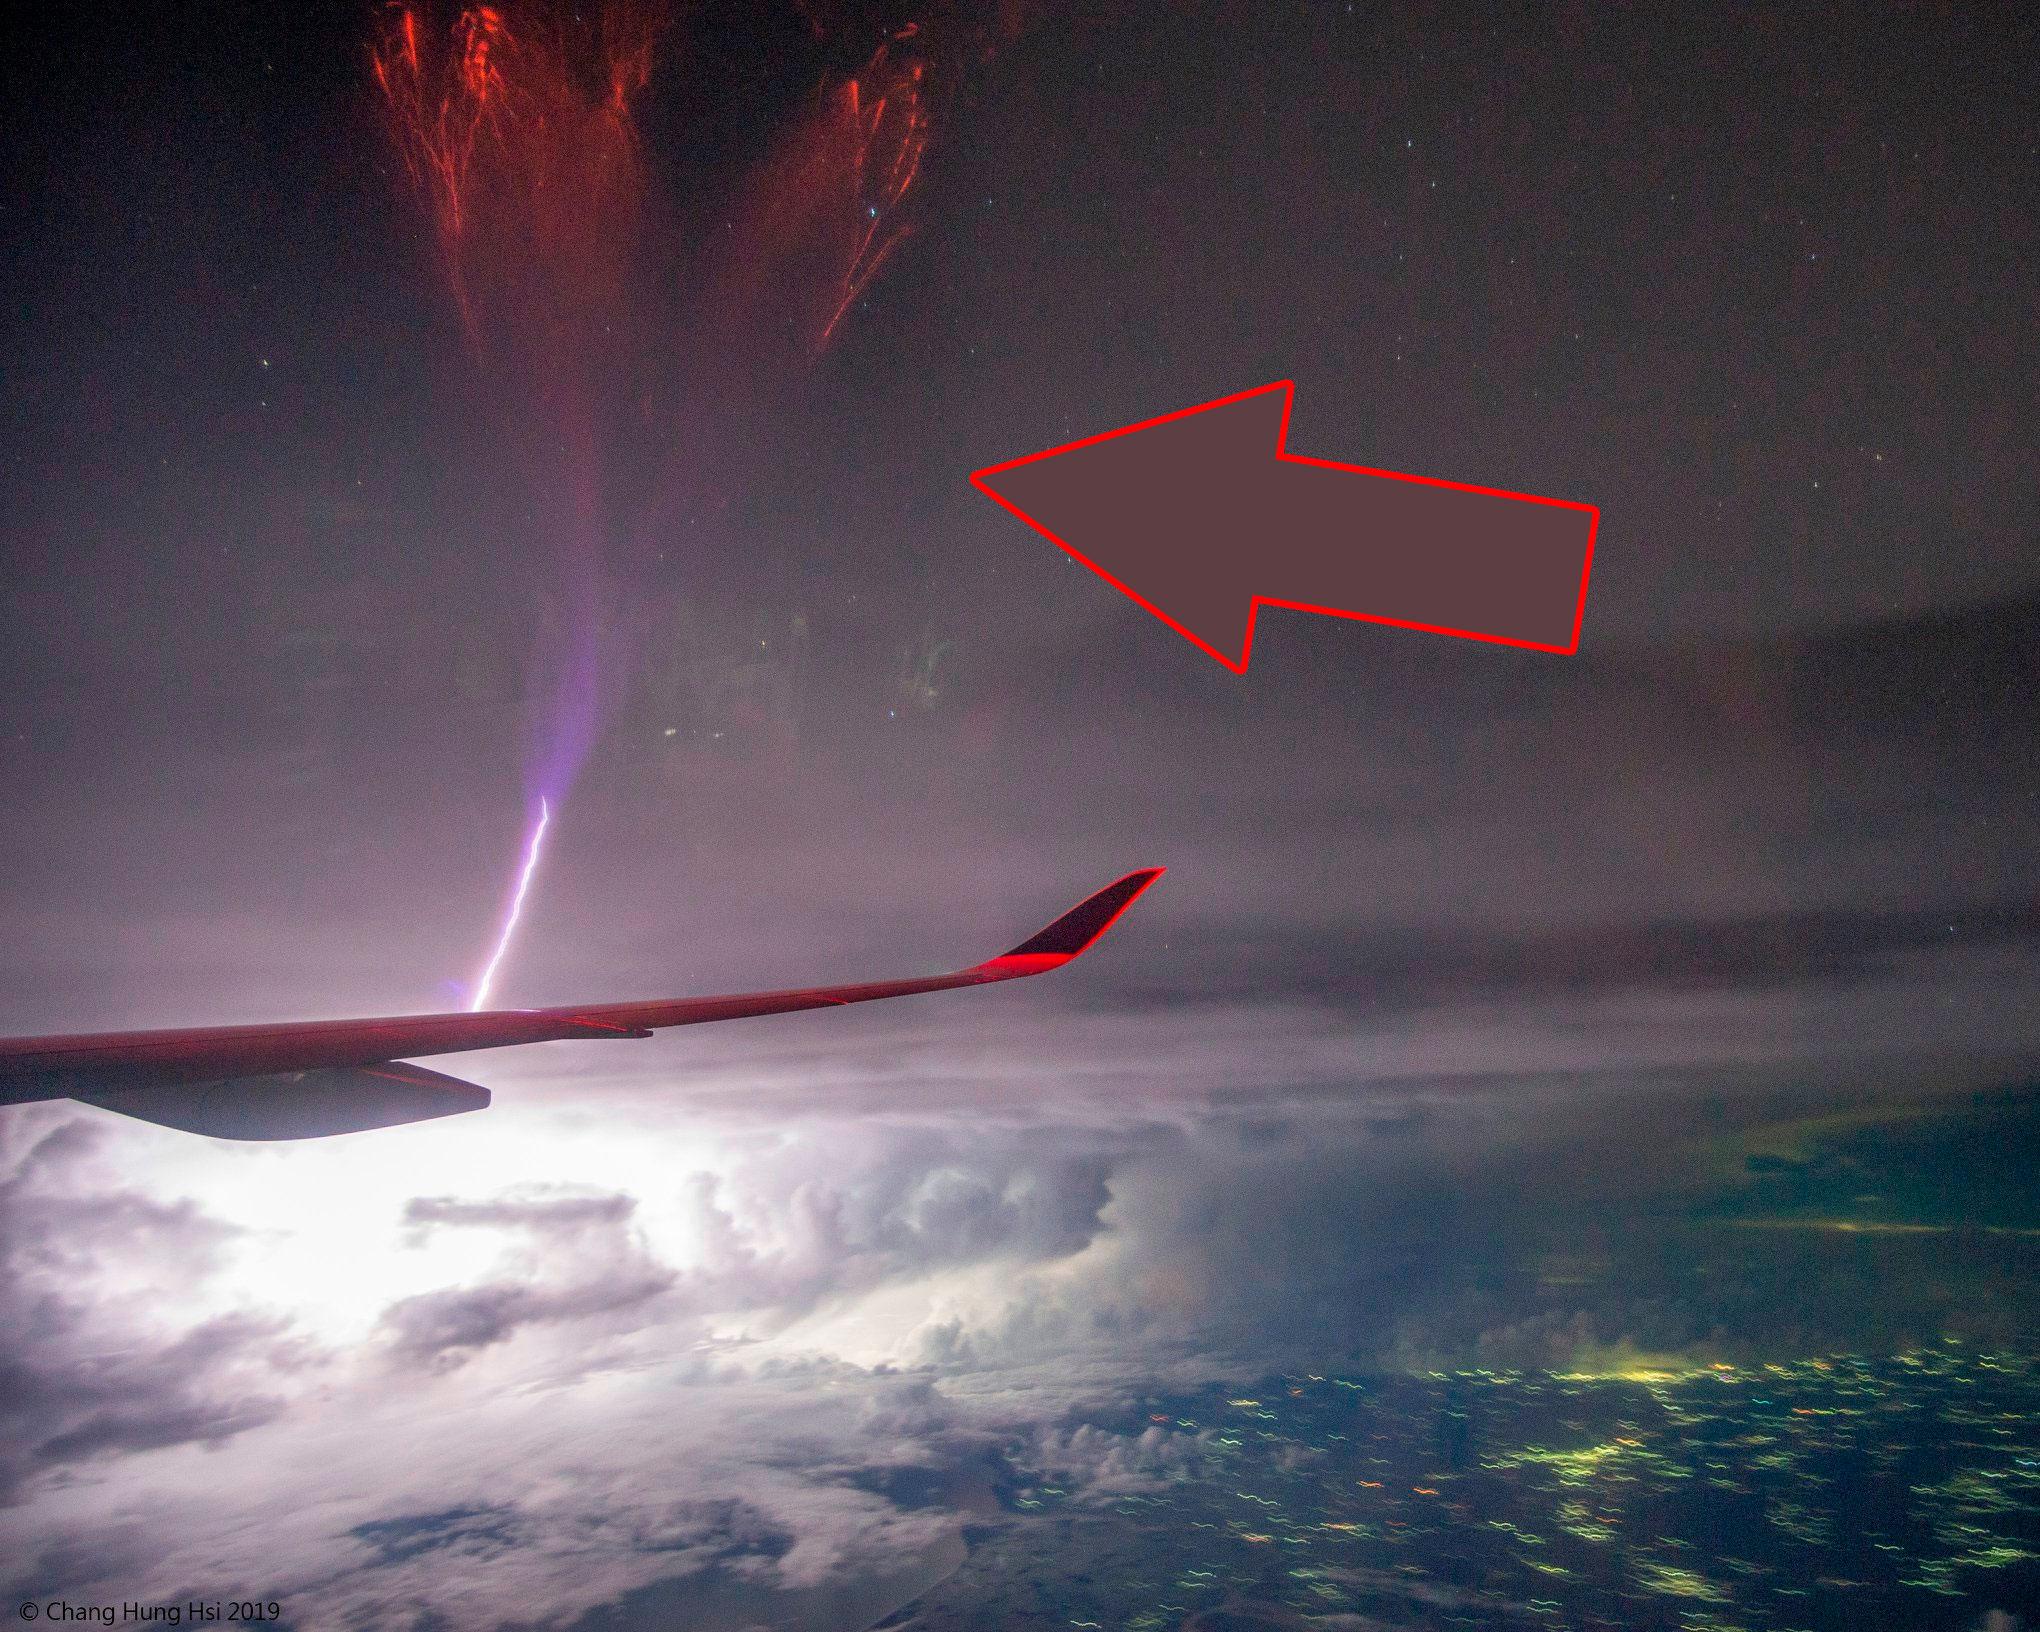 пожар, феникс апокалипсиса, Нибиру, происшествие, природные катастрофы, Австралия